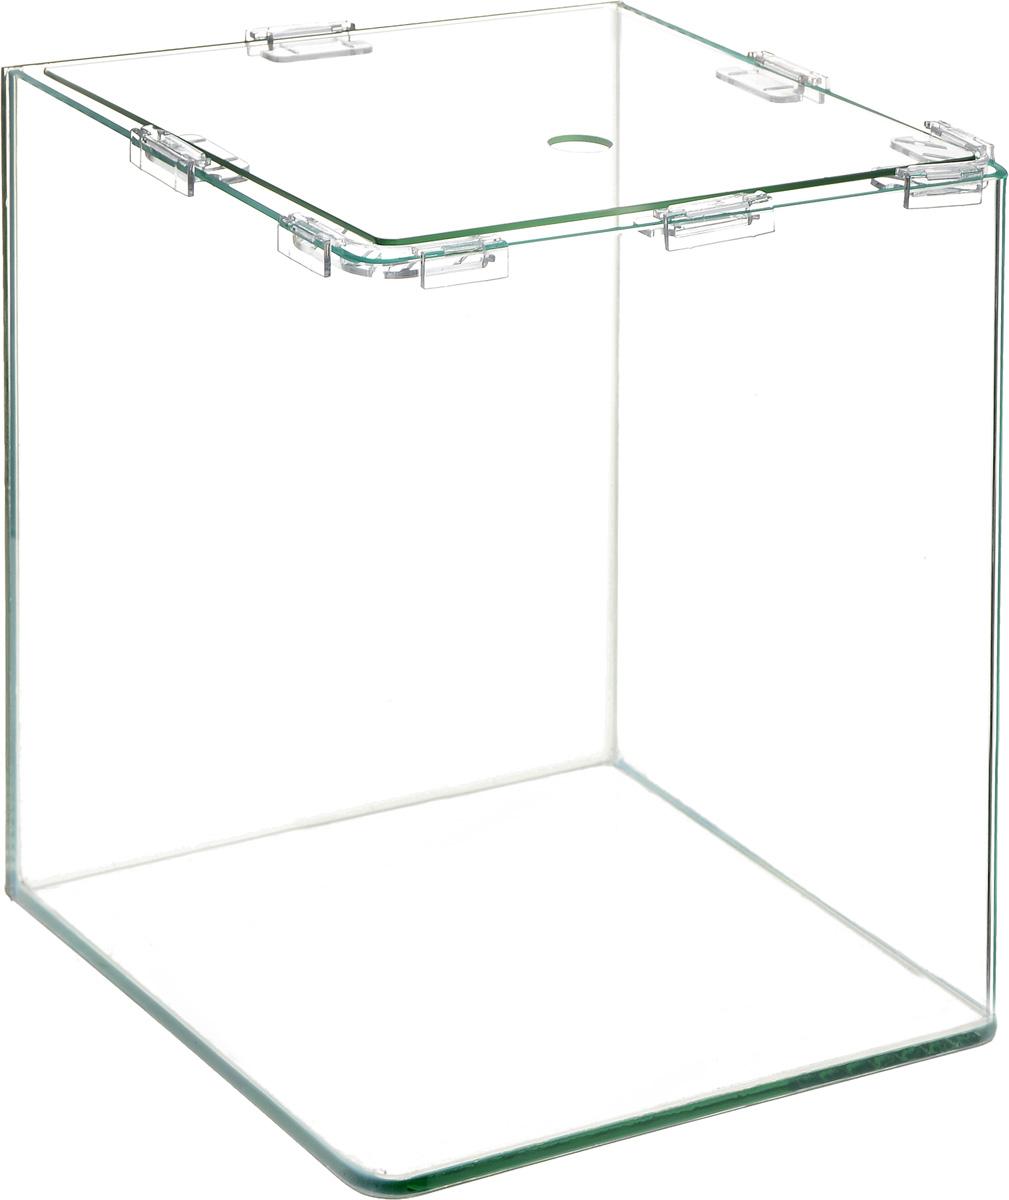 Аквариум Dennerle NanoCube, 20 л0120710Аквариум Dennerle NanoCube идеально подходит для содержания небольшого уголка природы в офисе, на столе, на кухне, в ванной комнате, прихожей или гостиной. Аквариум изготовлен из высококачественного стекла, передние углы бесшовные и оснащен покровной крышкой. В комплект входят черная пленка для задней стенки и пластиковые подкладки.